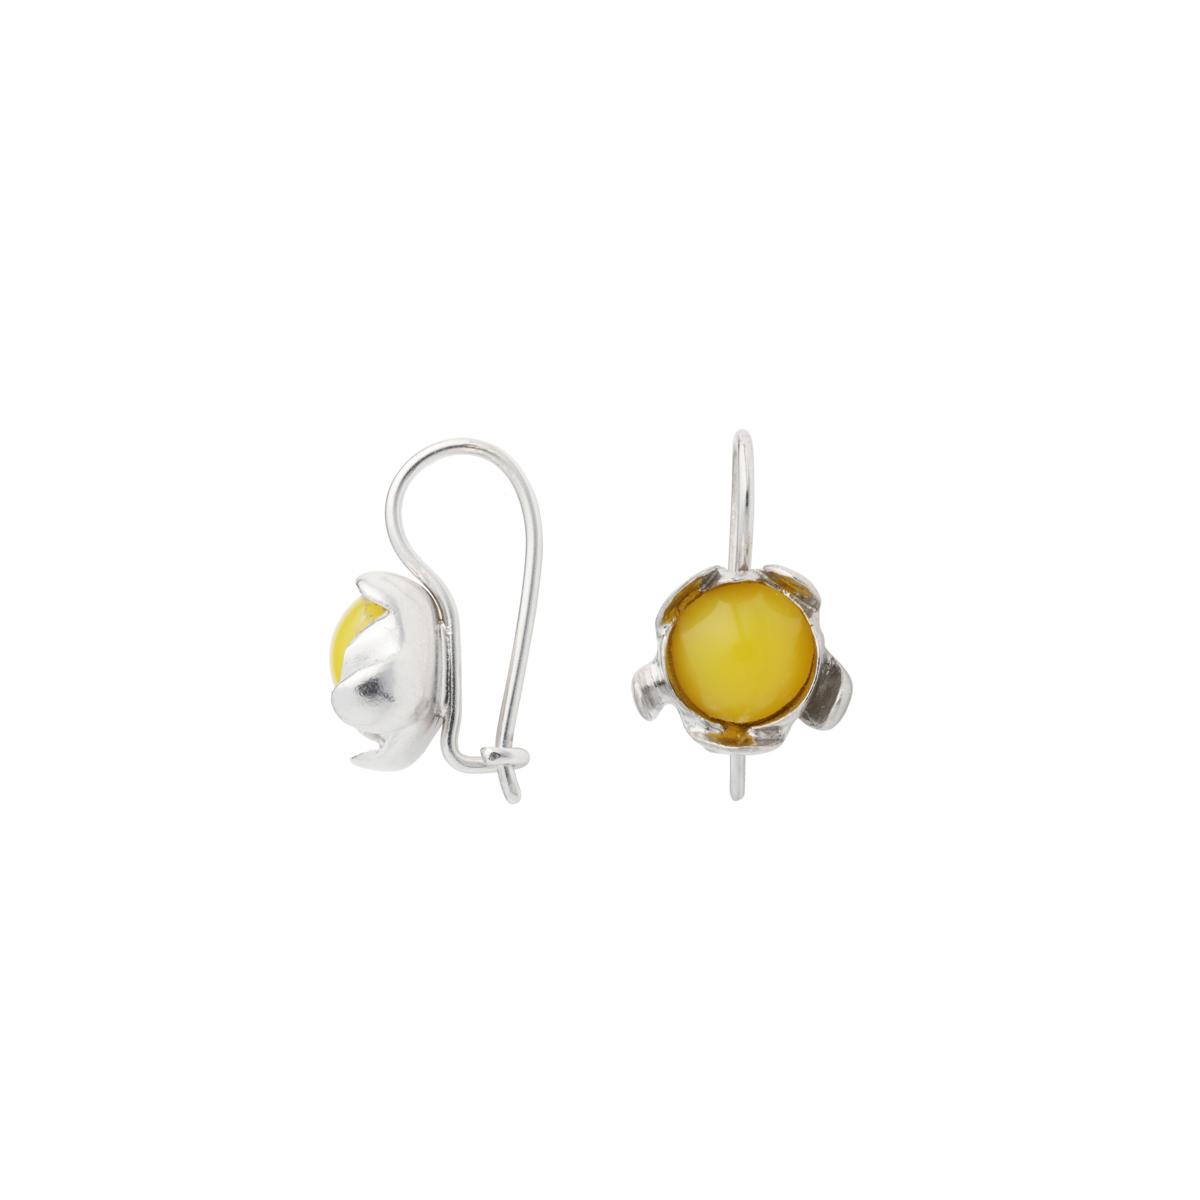 BLOSSOM hook earrings with egg yolk Amber